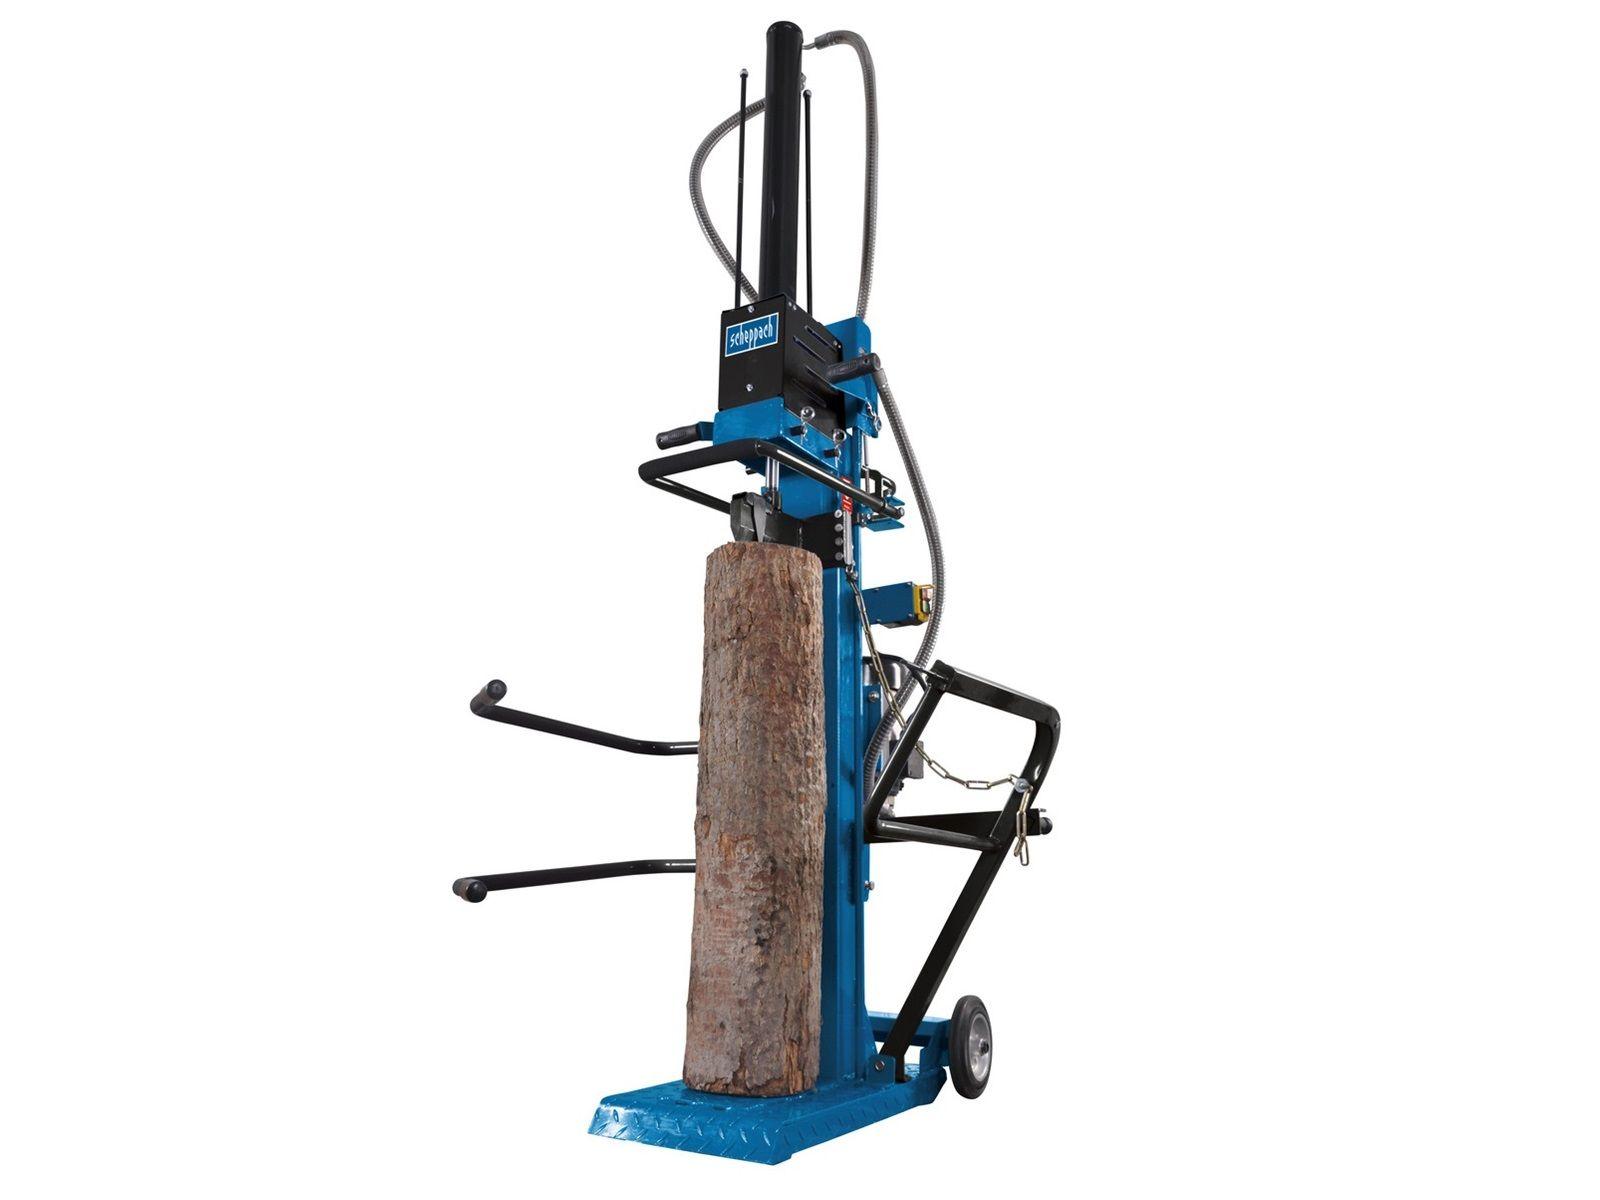 Vertikální štípač dřeva - profesionální štípač na dřevo Scheppach HL 1020 - 230V, 3700W, 10t, 168kg (5905313901)